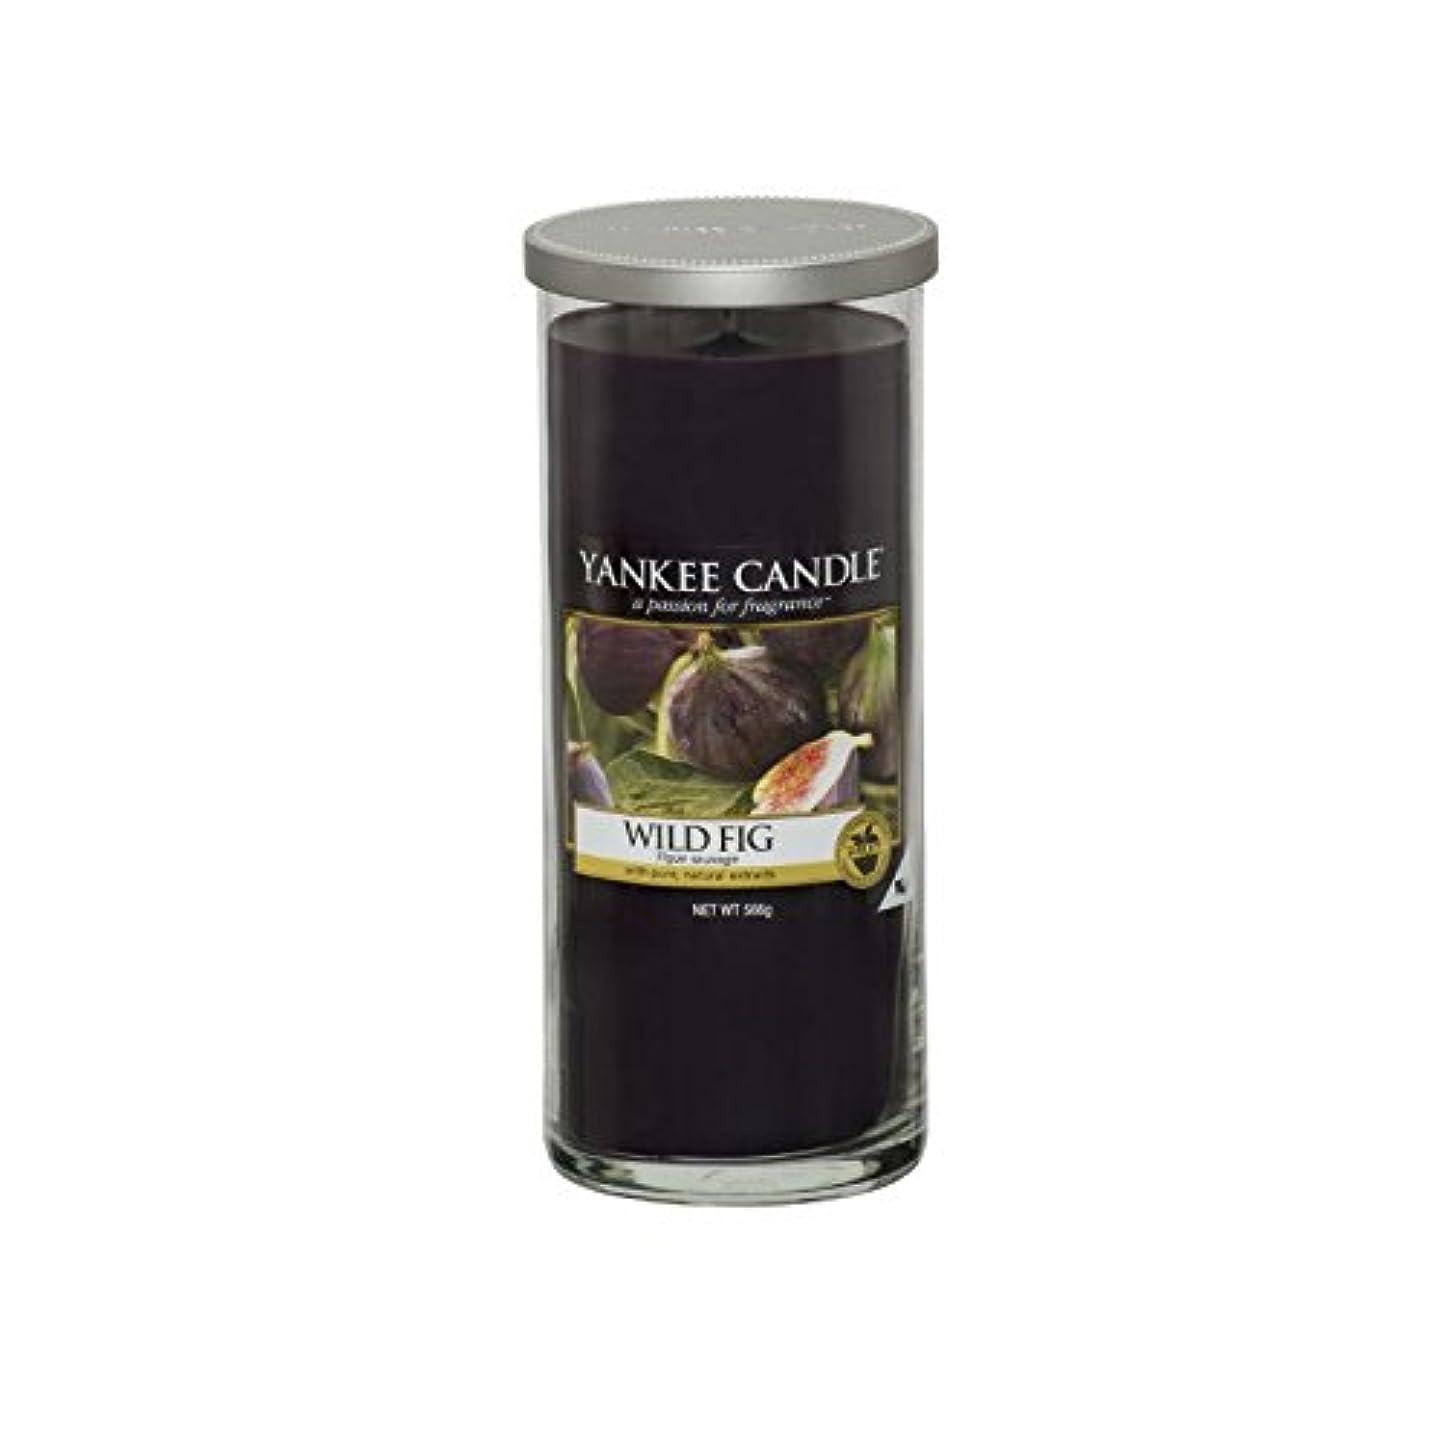 団結するミキサーメジャーヤンキーキャンドル大きな柱キャンドル - 野生のイチジク - Yankee Candles Large Pillar Candle - Wild Fig (Yankee Candles) [並行輸入品]